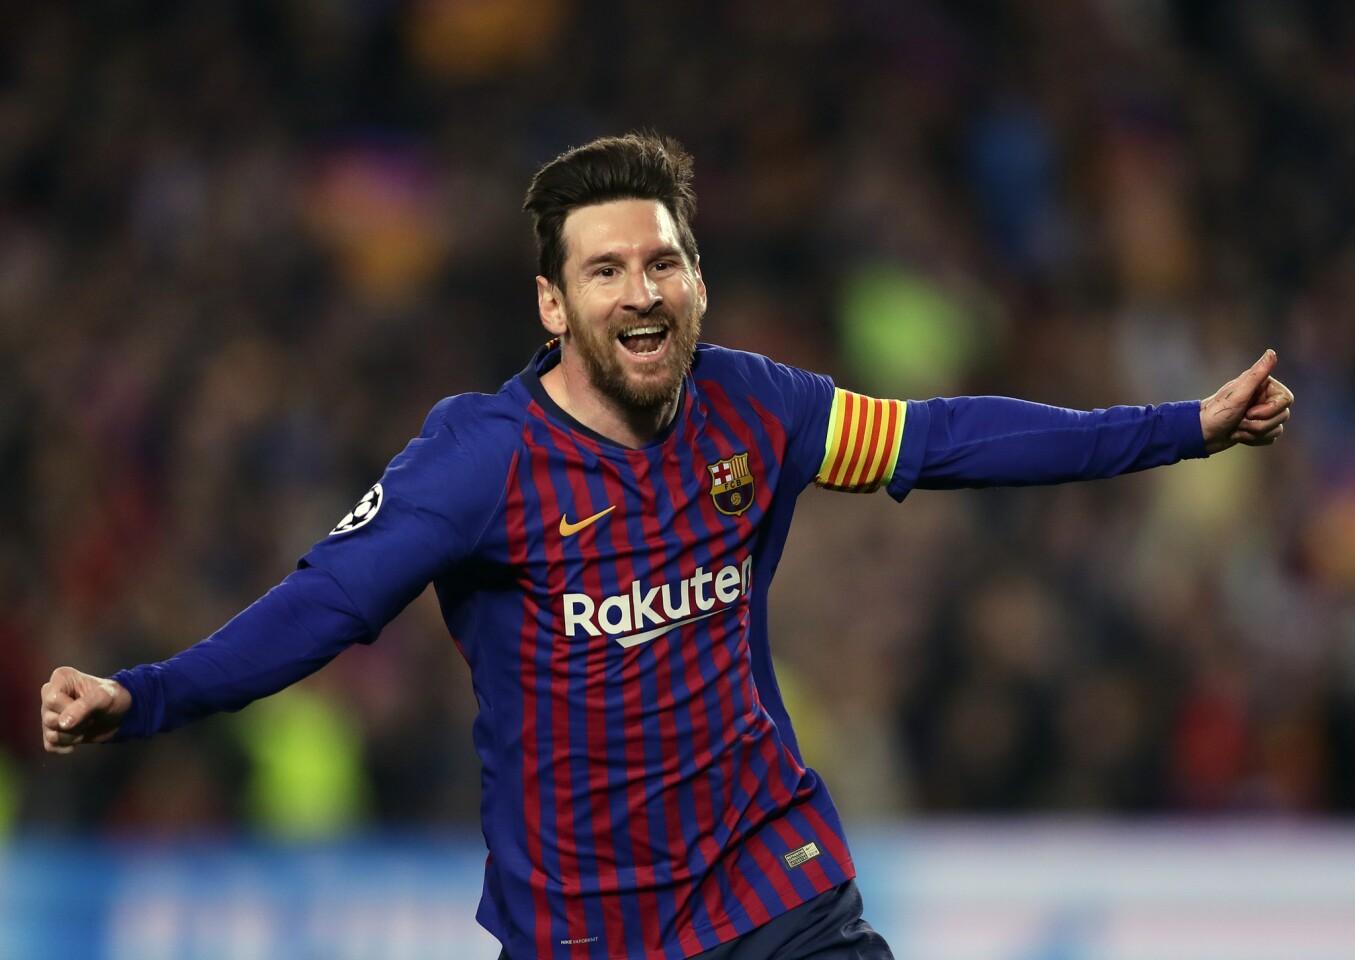 Lionel Messi del Barcelona tras anotar el segundo gol durante el partido ante Manchester United por los cuartos de final de la Liga de Campeones, en Barcelona, el martes 16 de abril de 2019. (AP Foto/Manu Fernández) ** Usable by HOY, ELSENT and SD Only **